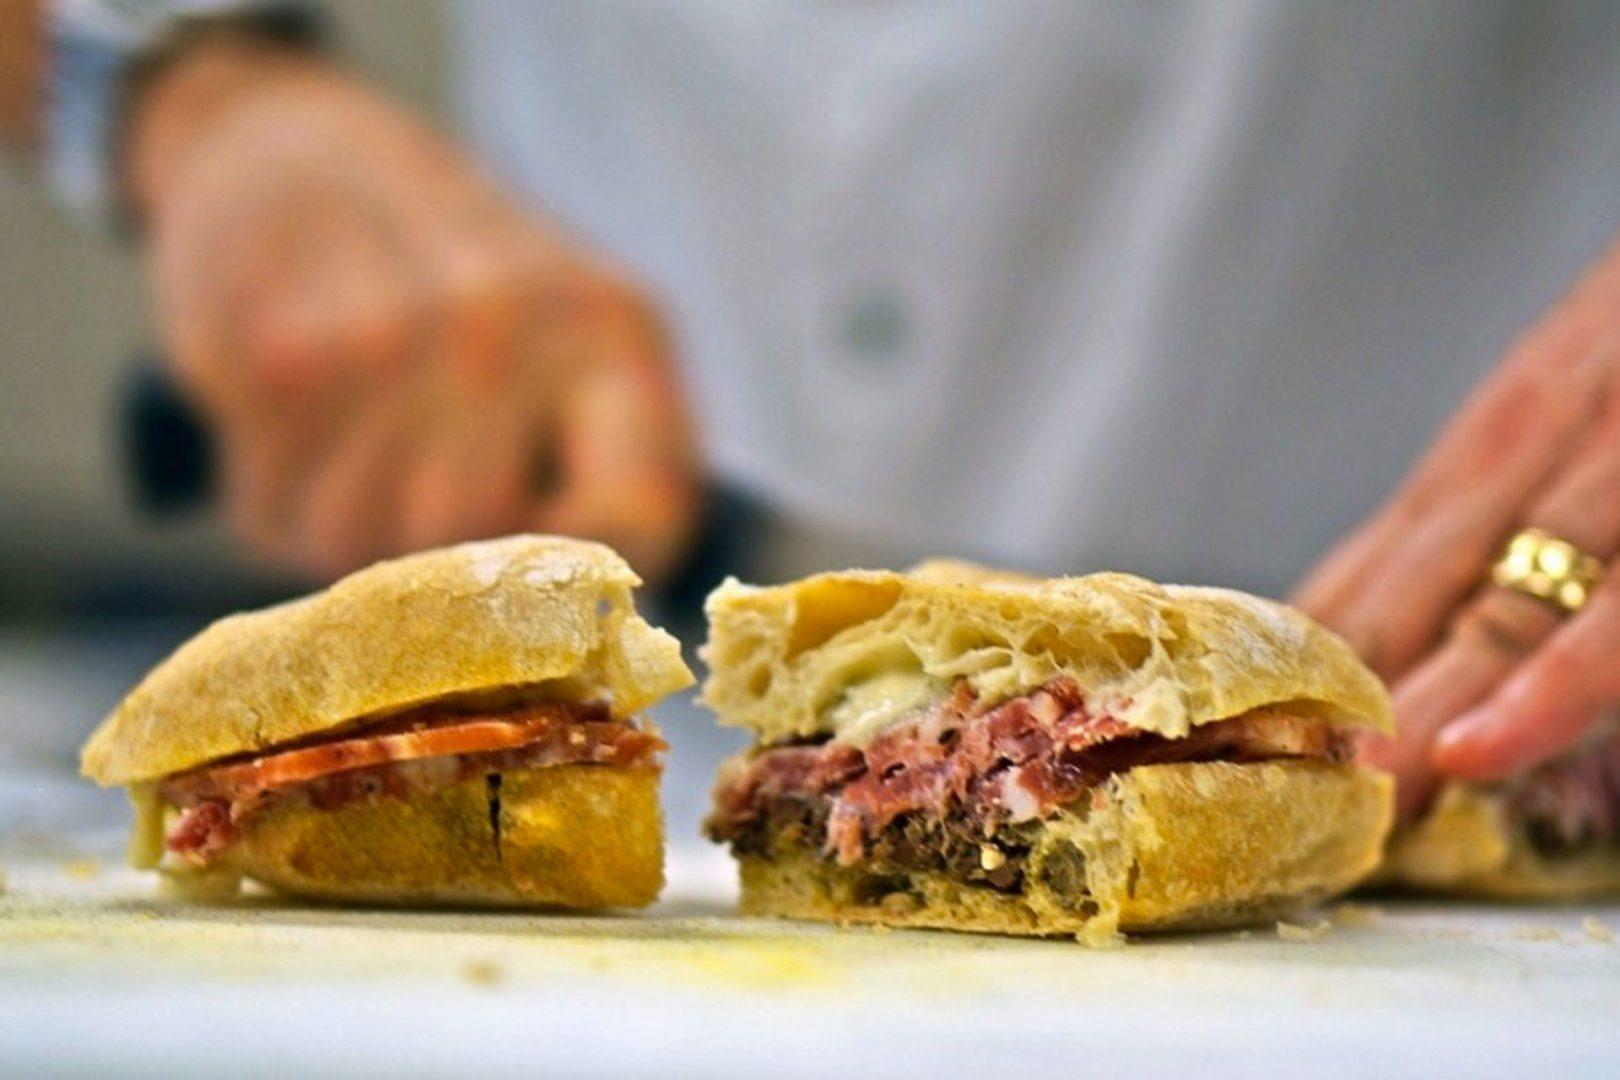 mangiare e bere bene con alessandro frassica a firenze - panino artigianale